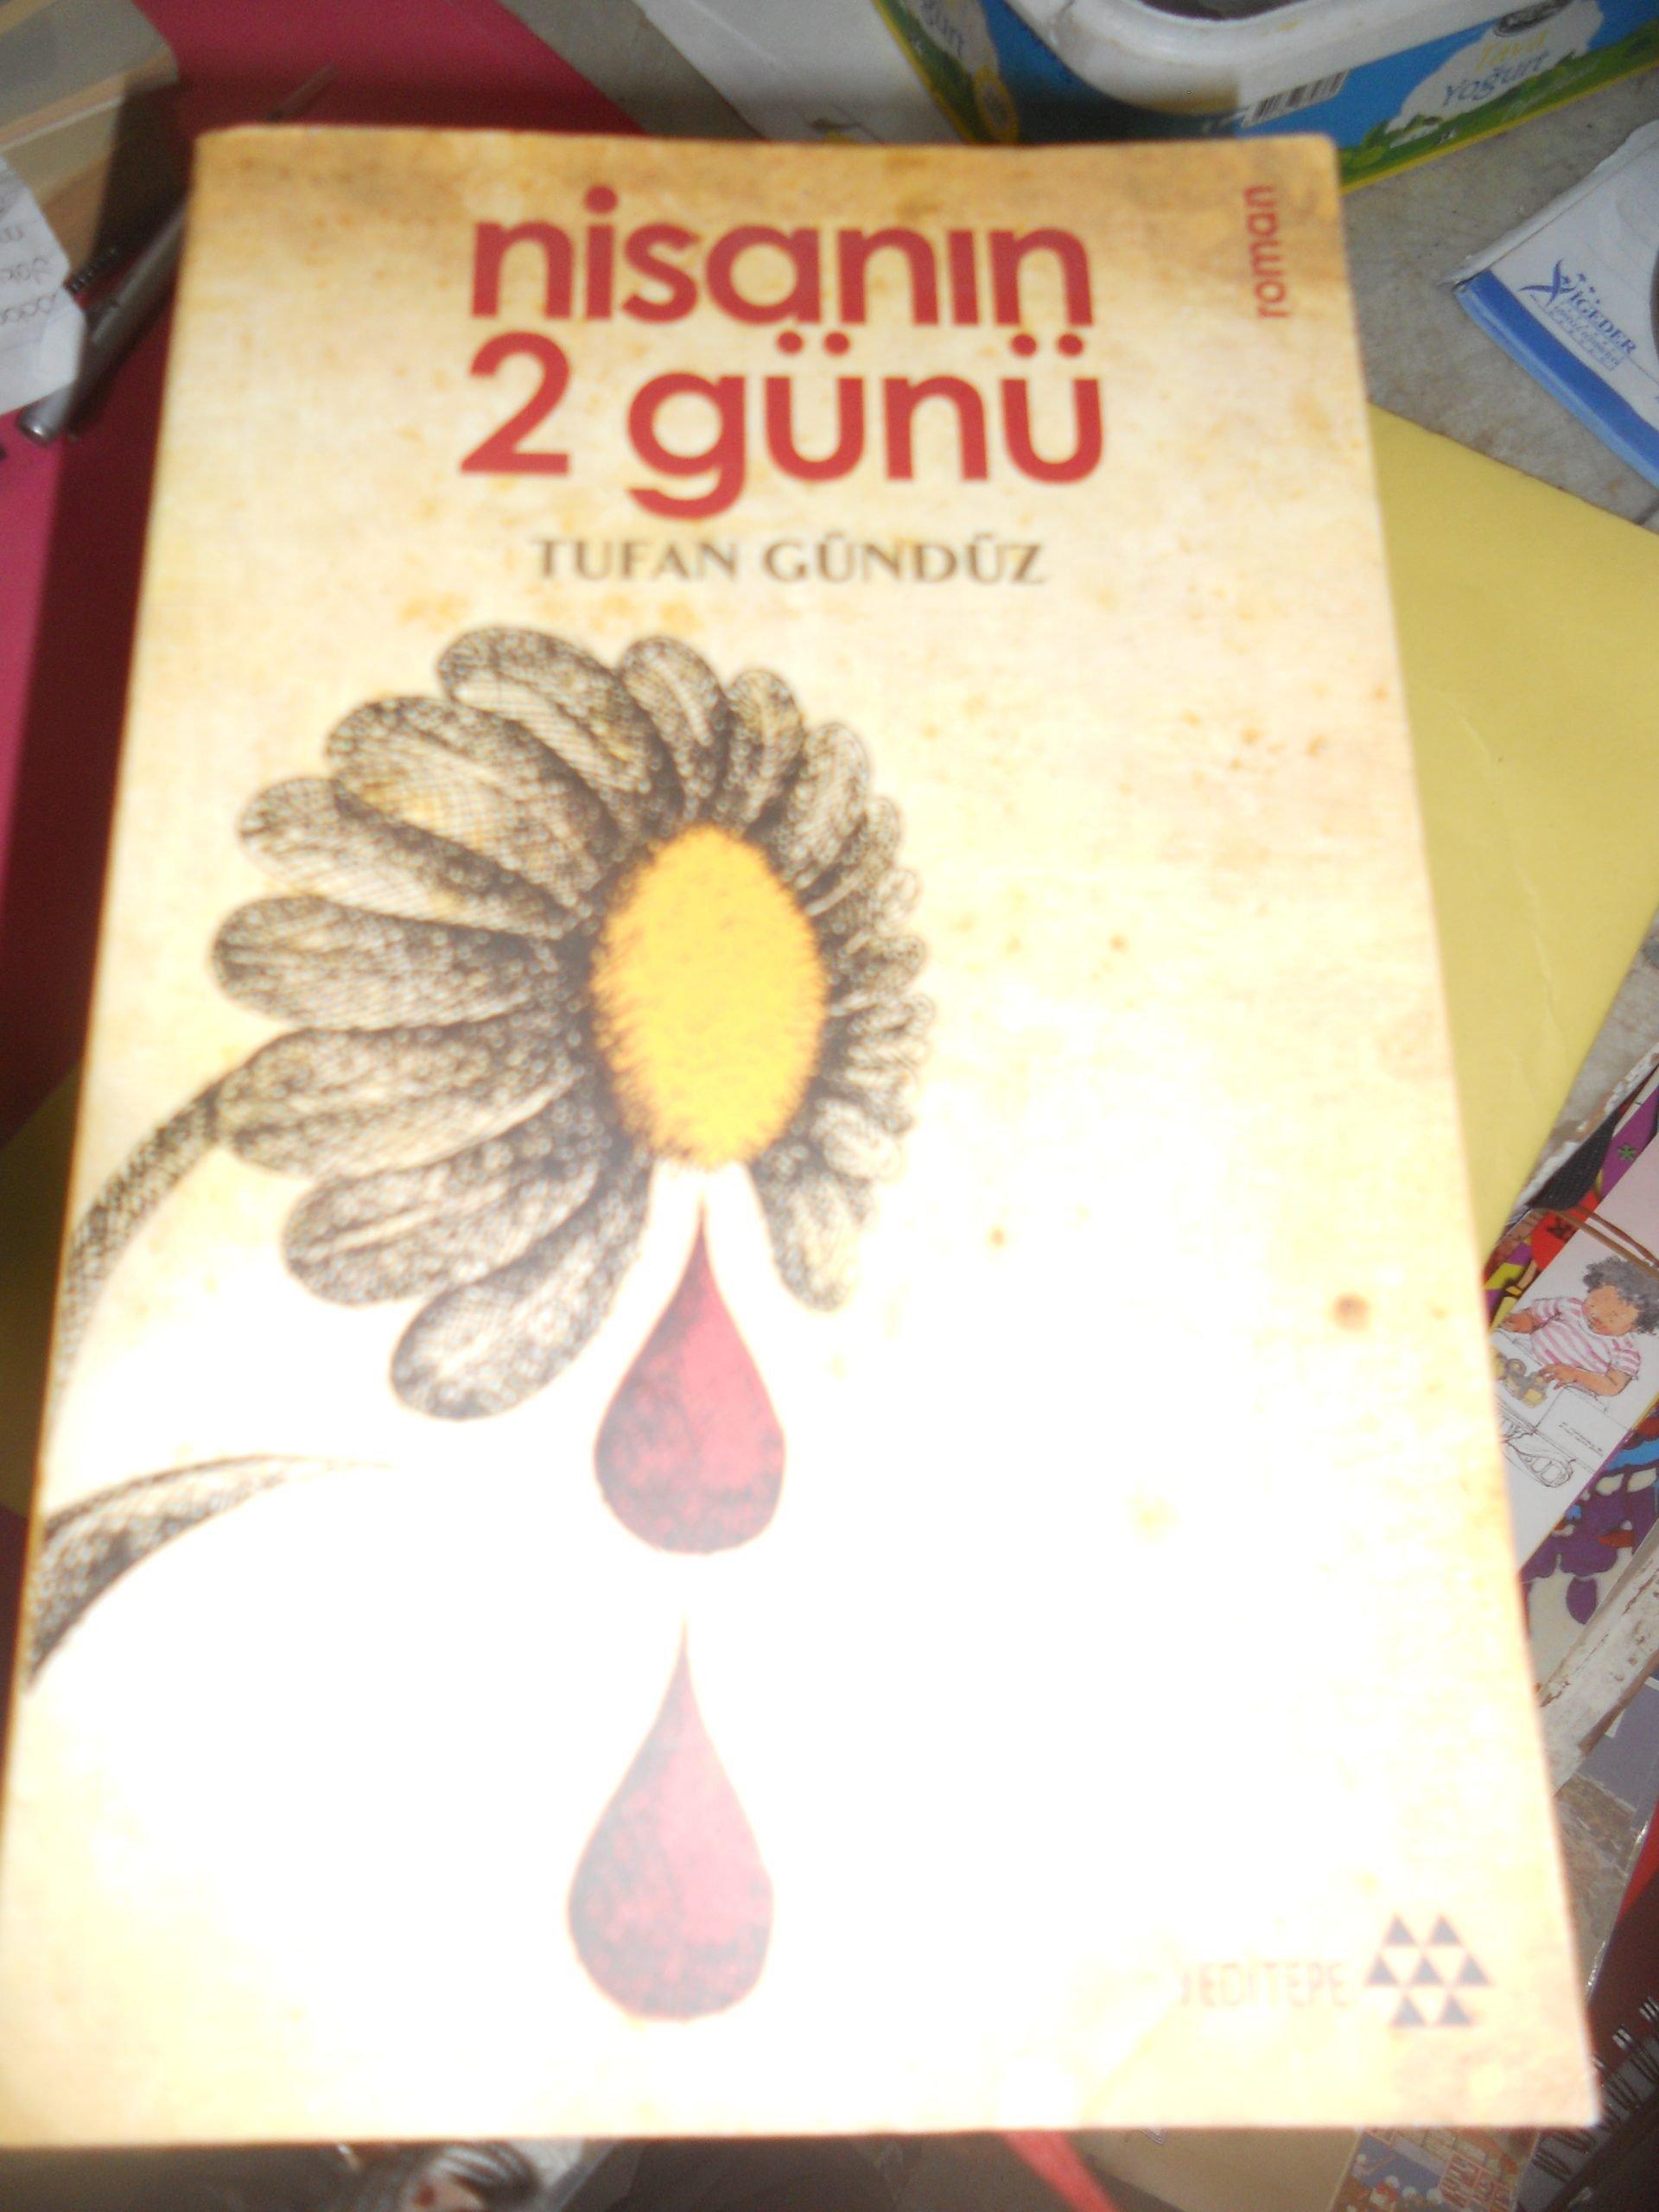 NİSANIN 2 GÜNÜ/Tufan GÜNDÜZ/15 TL